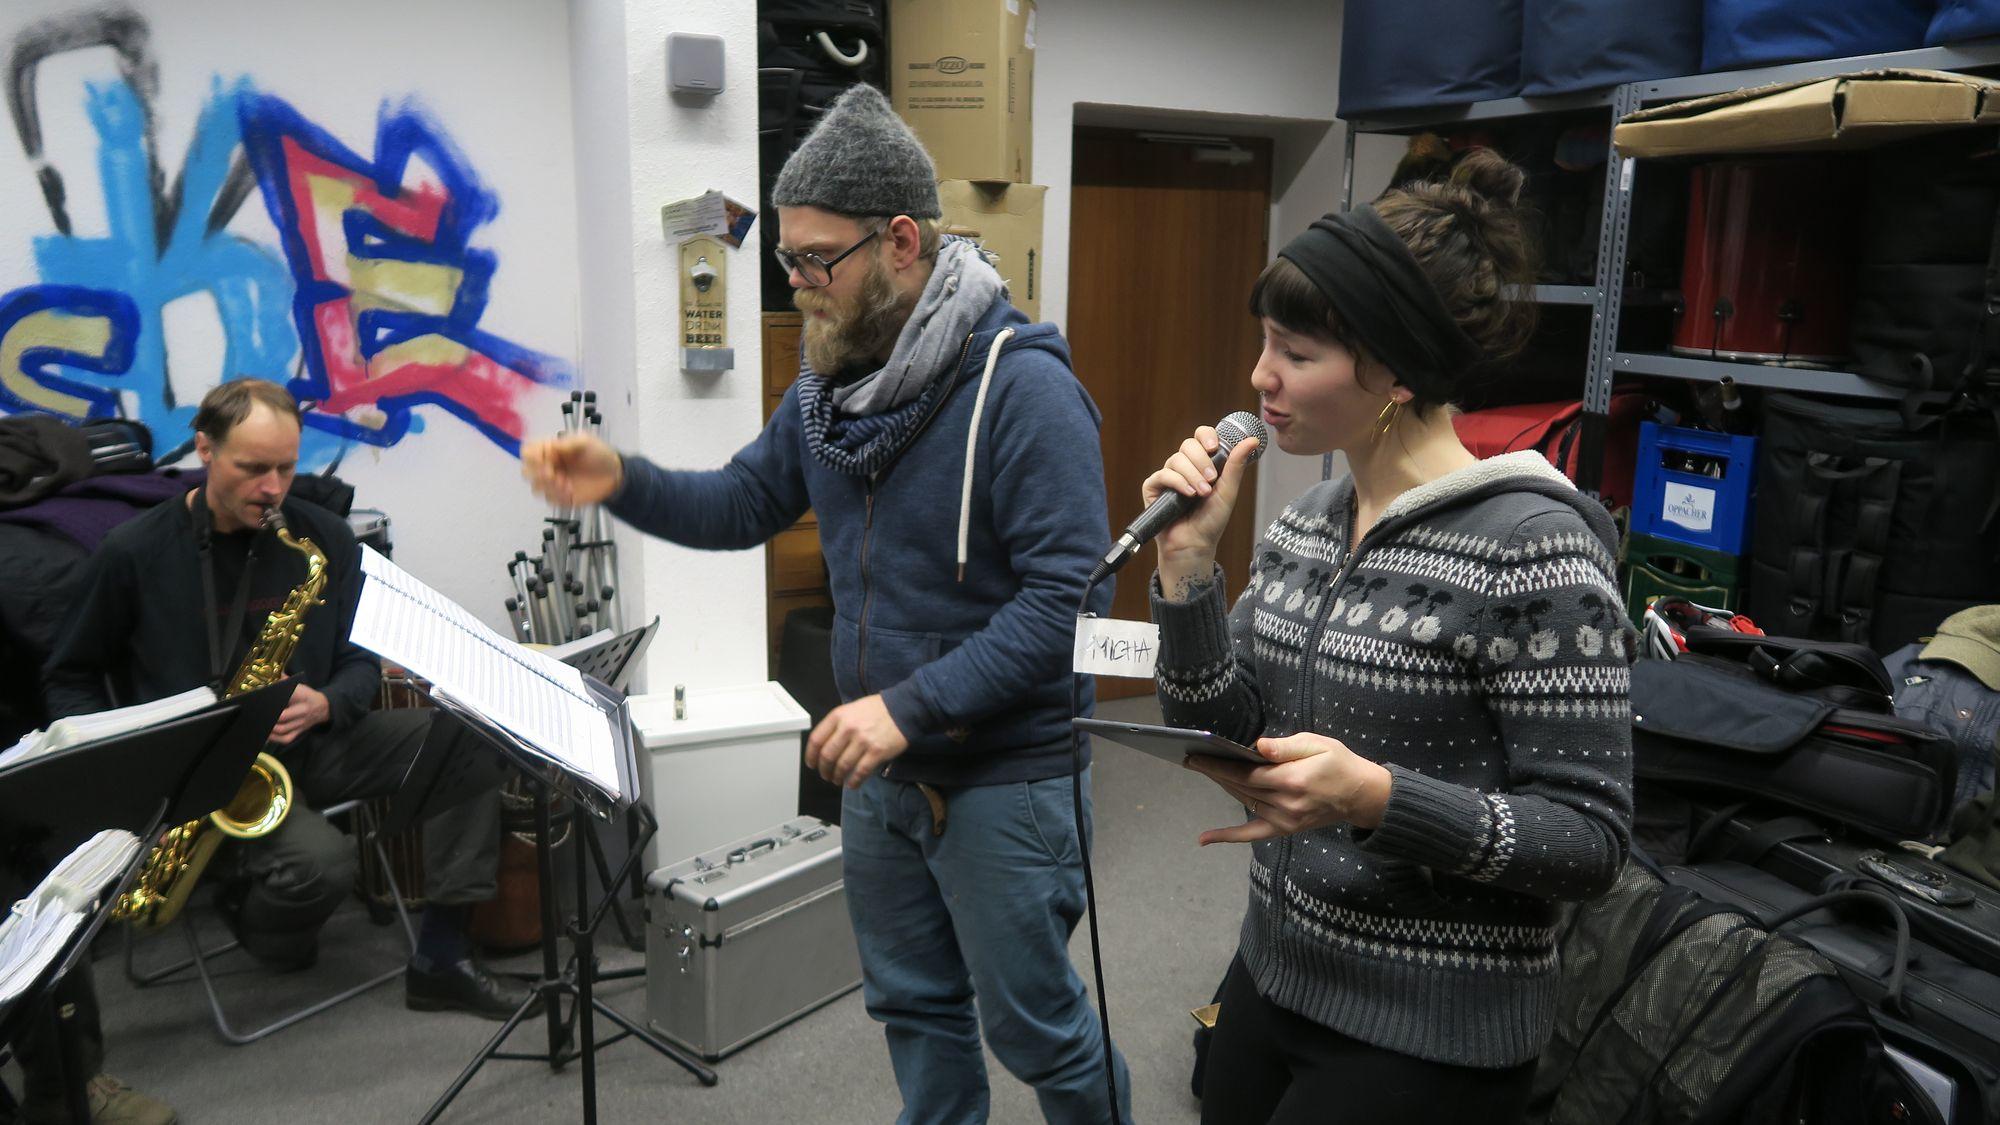 Musikalischer Leiter René Bornstein und Sängerin Veronika Kralacek